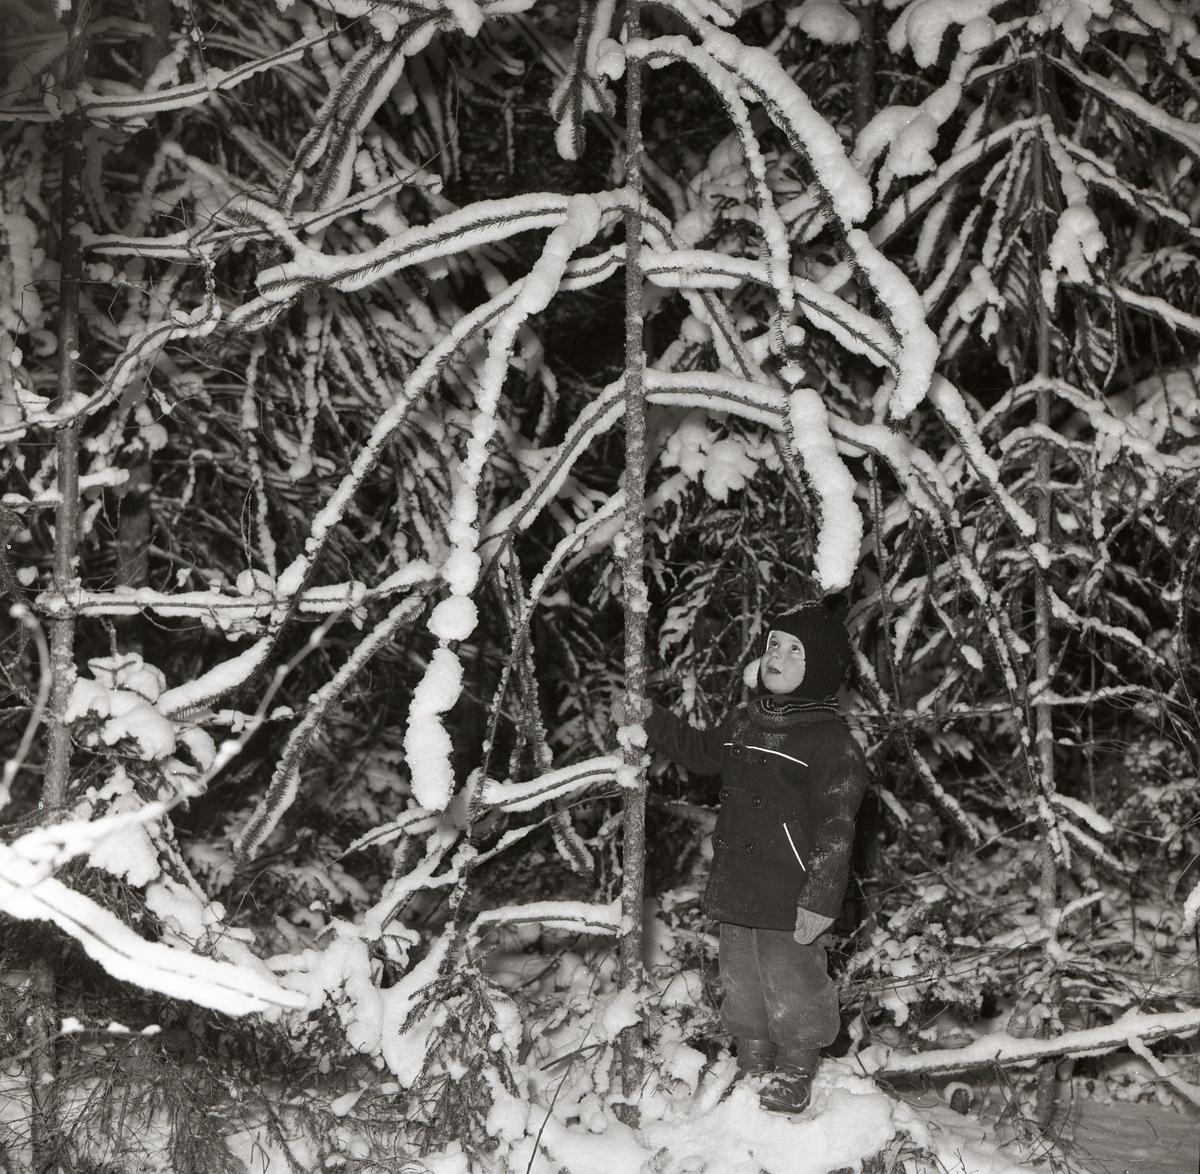 En pojke står vid en gran och håller om stammen med ena handen, 13 januari 1958.